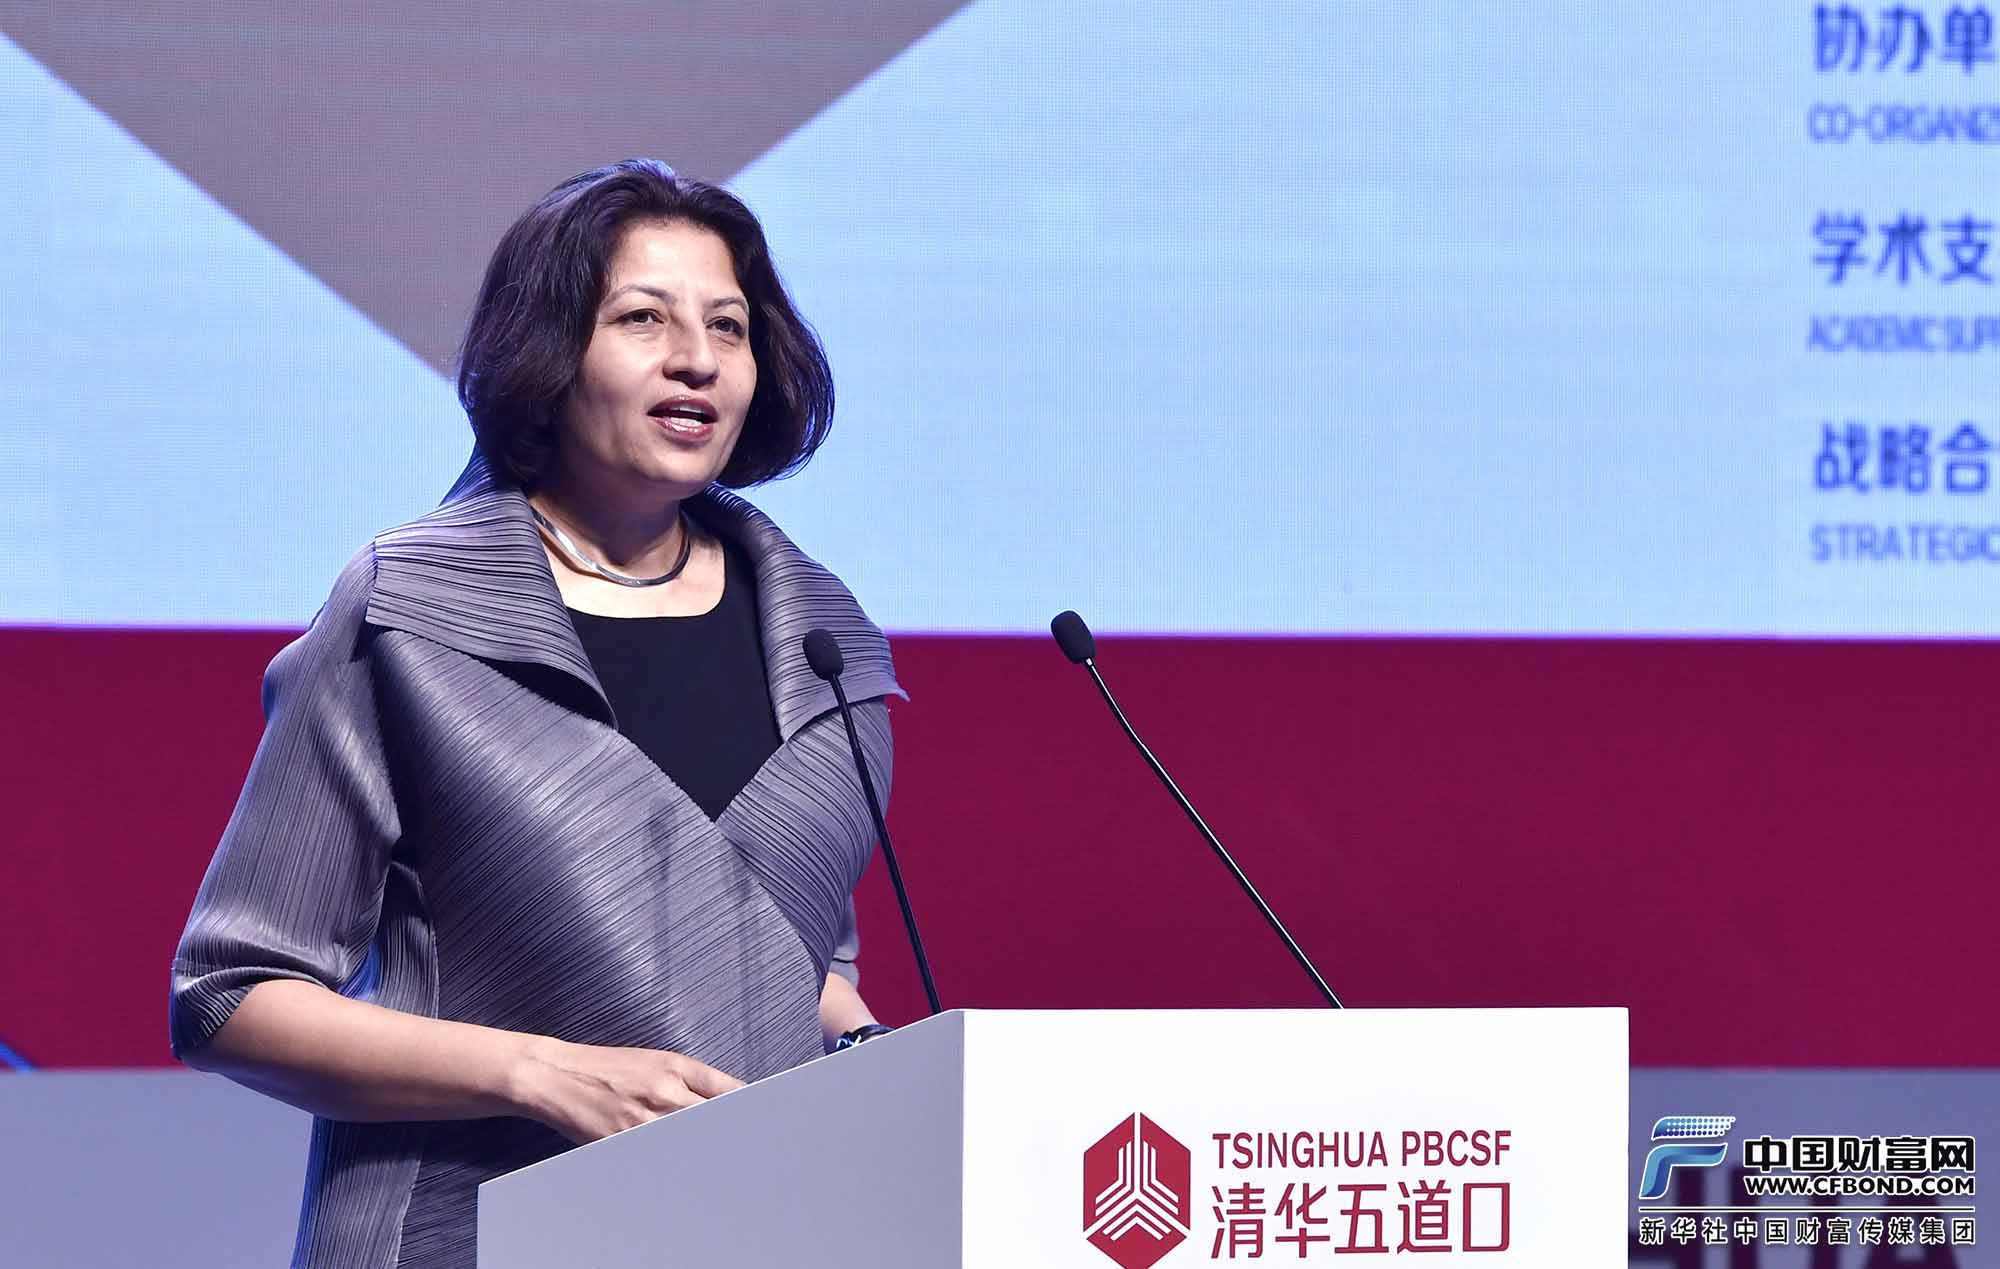 主题演讲:宜信新金融产业投资基金管理合伙人Anju Patwardhan